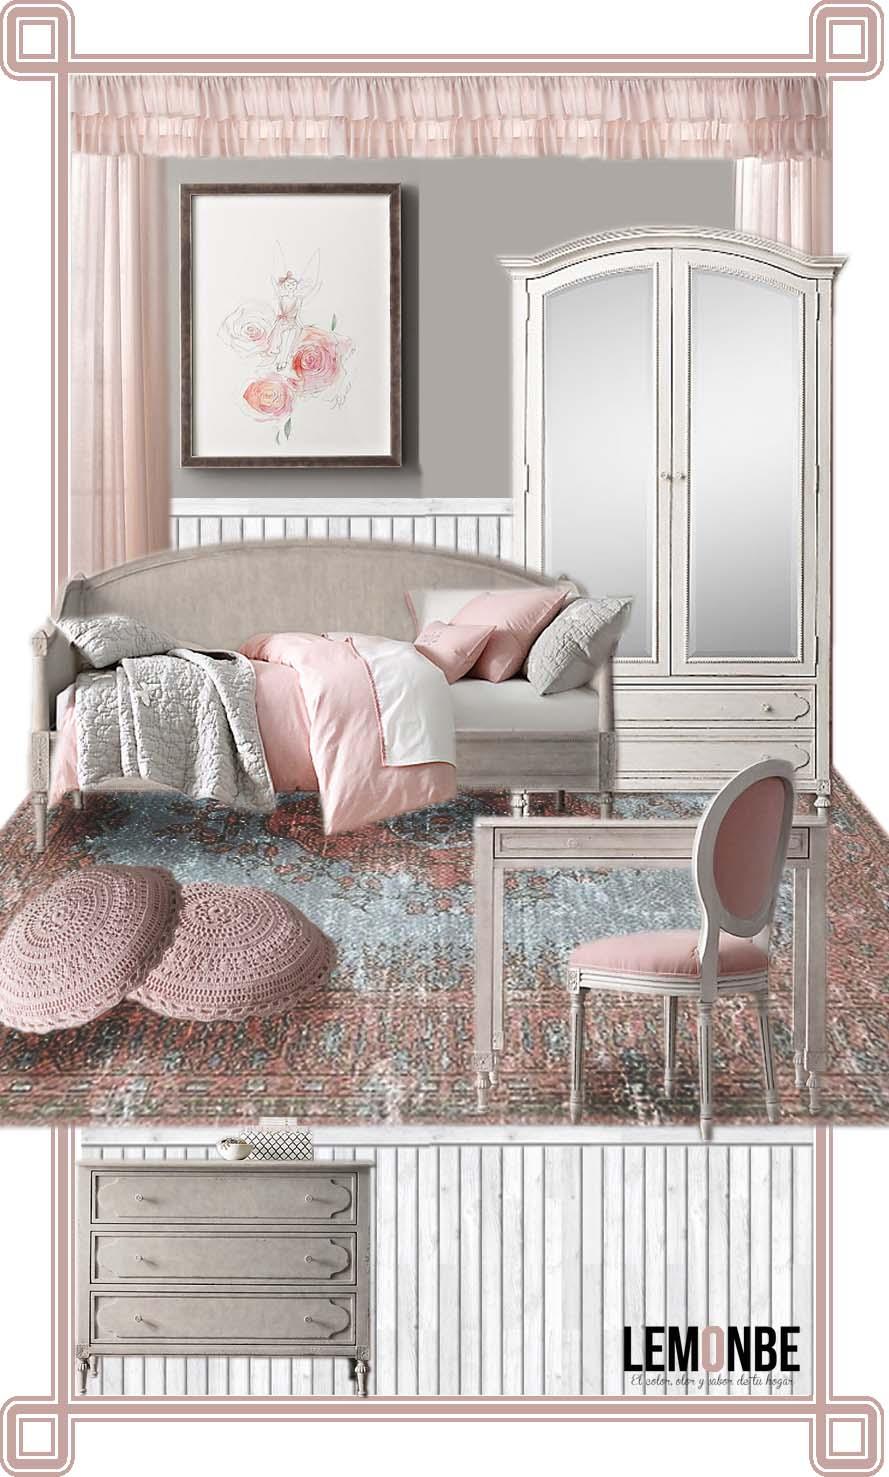 LEMONBE_FEBRERO_Estilo_vintage_pink_00